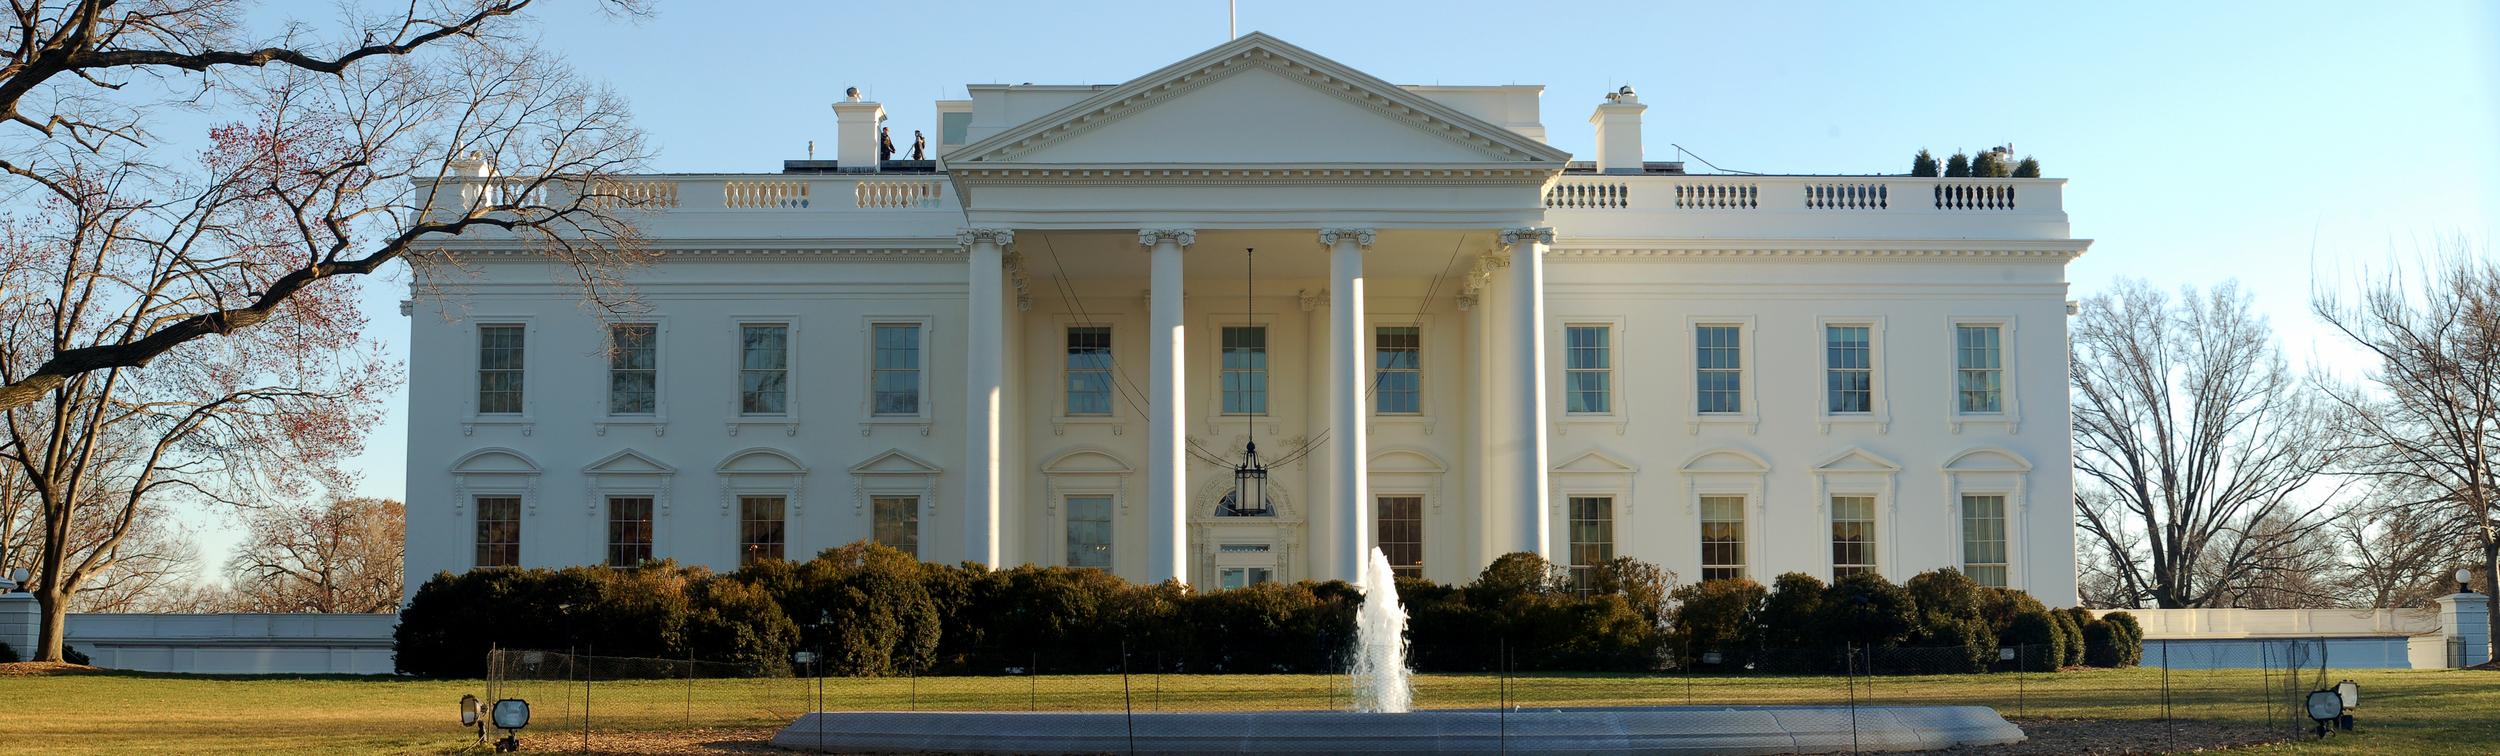 White House Panorama.jpg